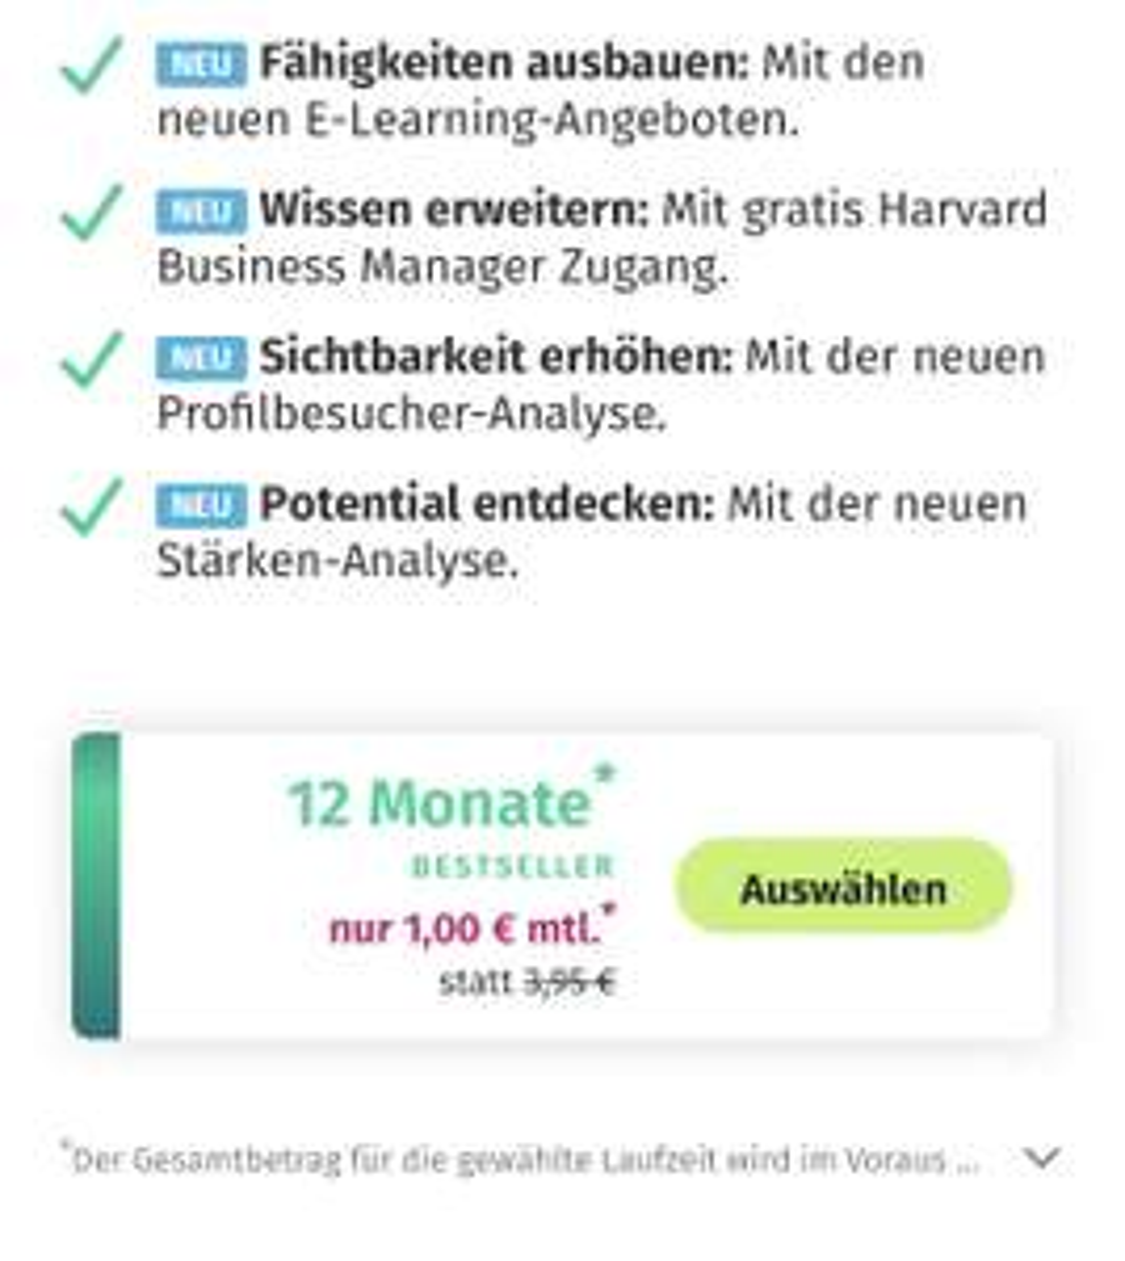 XING Premium 12€ für ein Jahr (womöglich nur Studenten personalisiert)